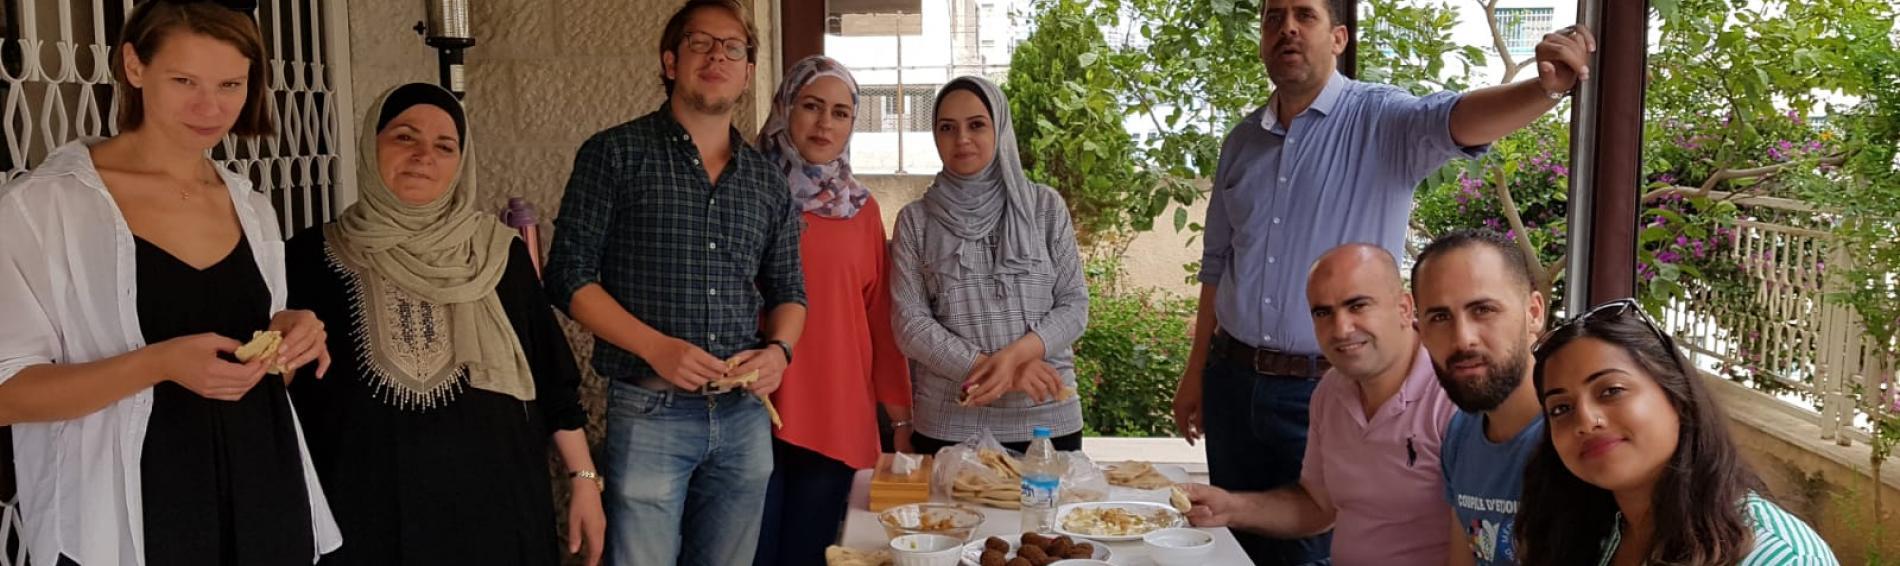 Abschied vom Team in Nablus